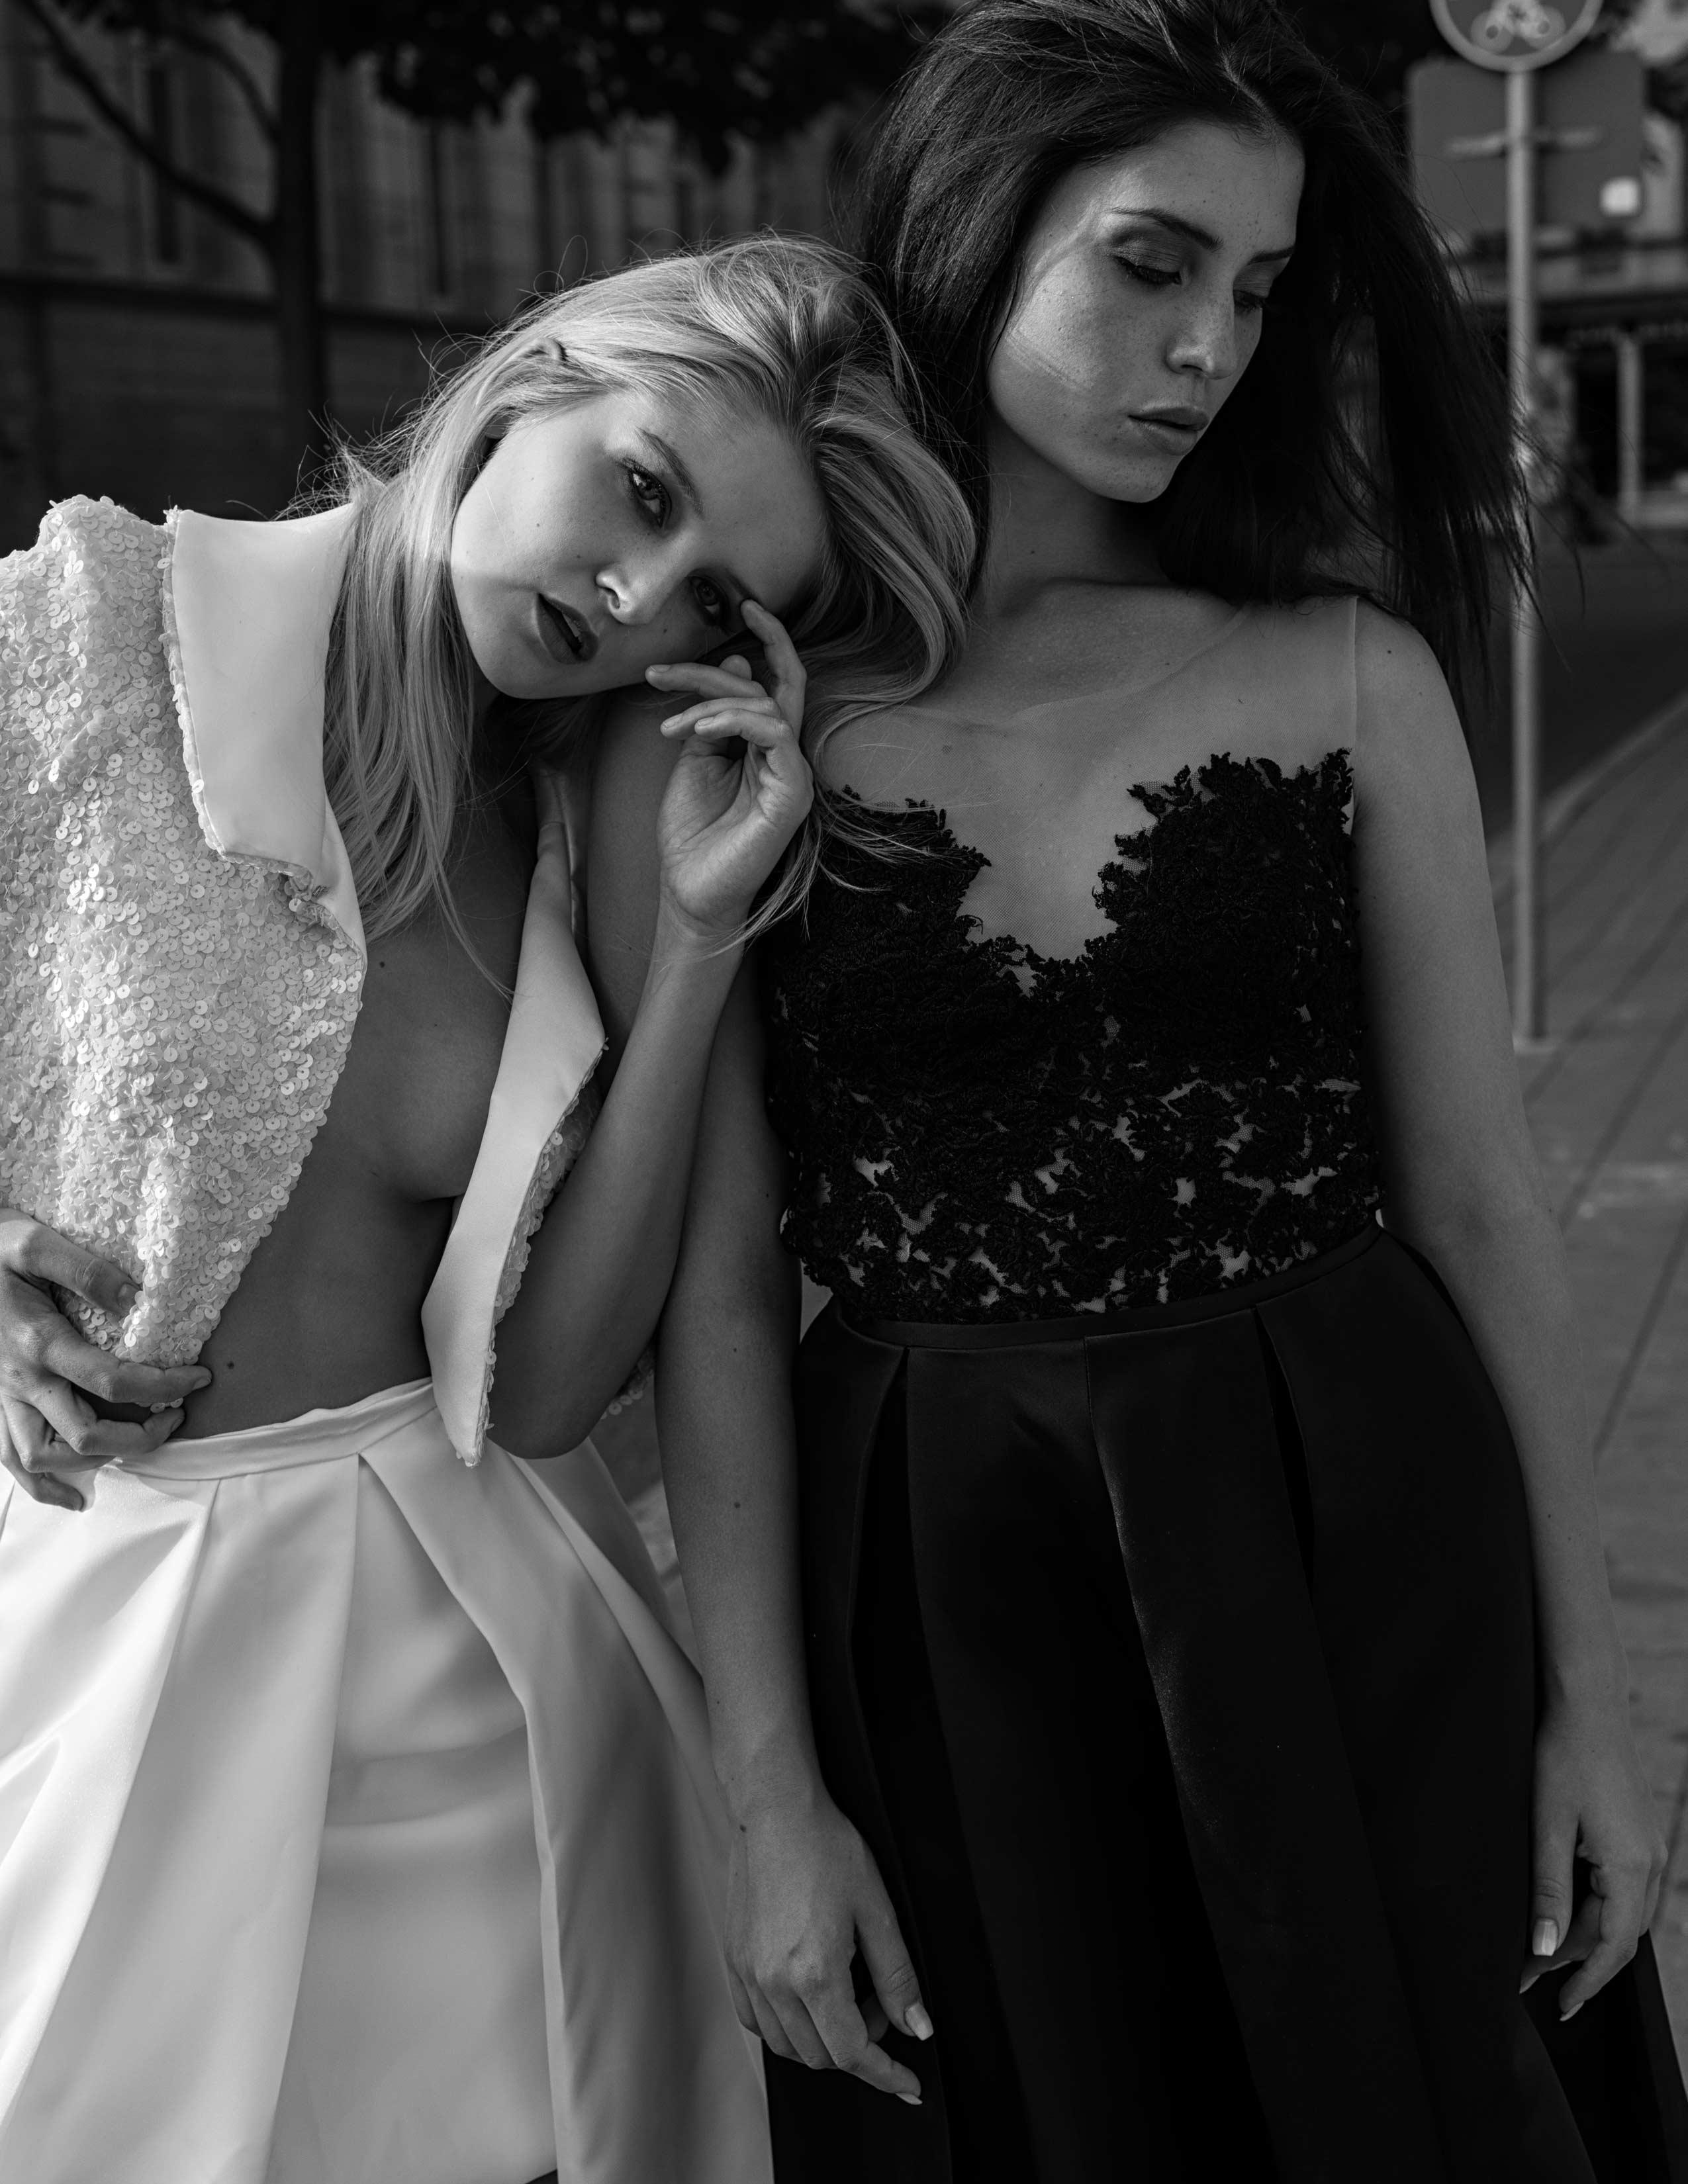 Links steht eine blonde, rechts eine brünette Frau. Die Blonde trägt ein weißes Brautoutfit, die Brünette einen schwarzen Zweiteiler.